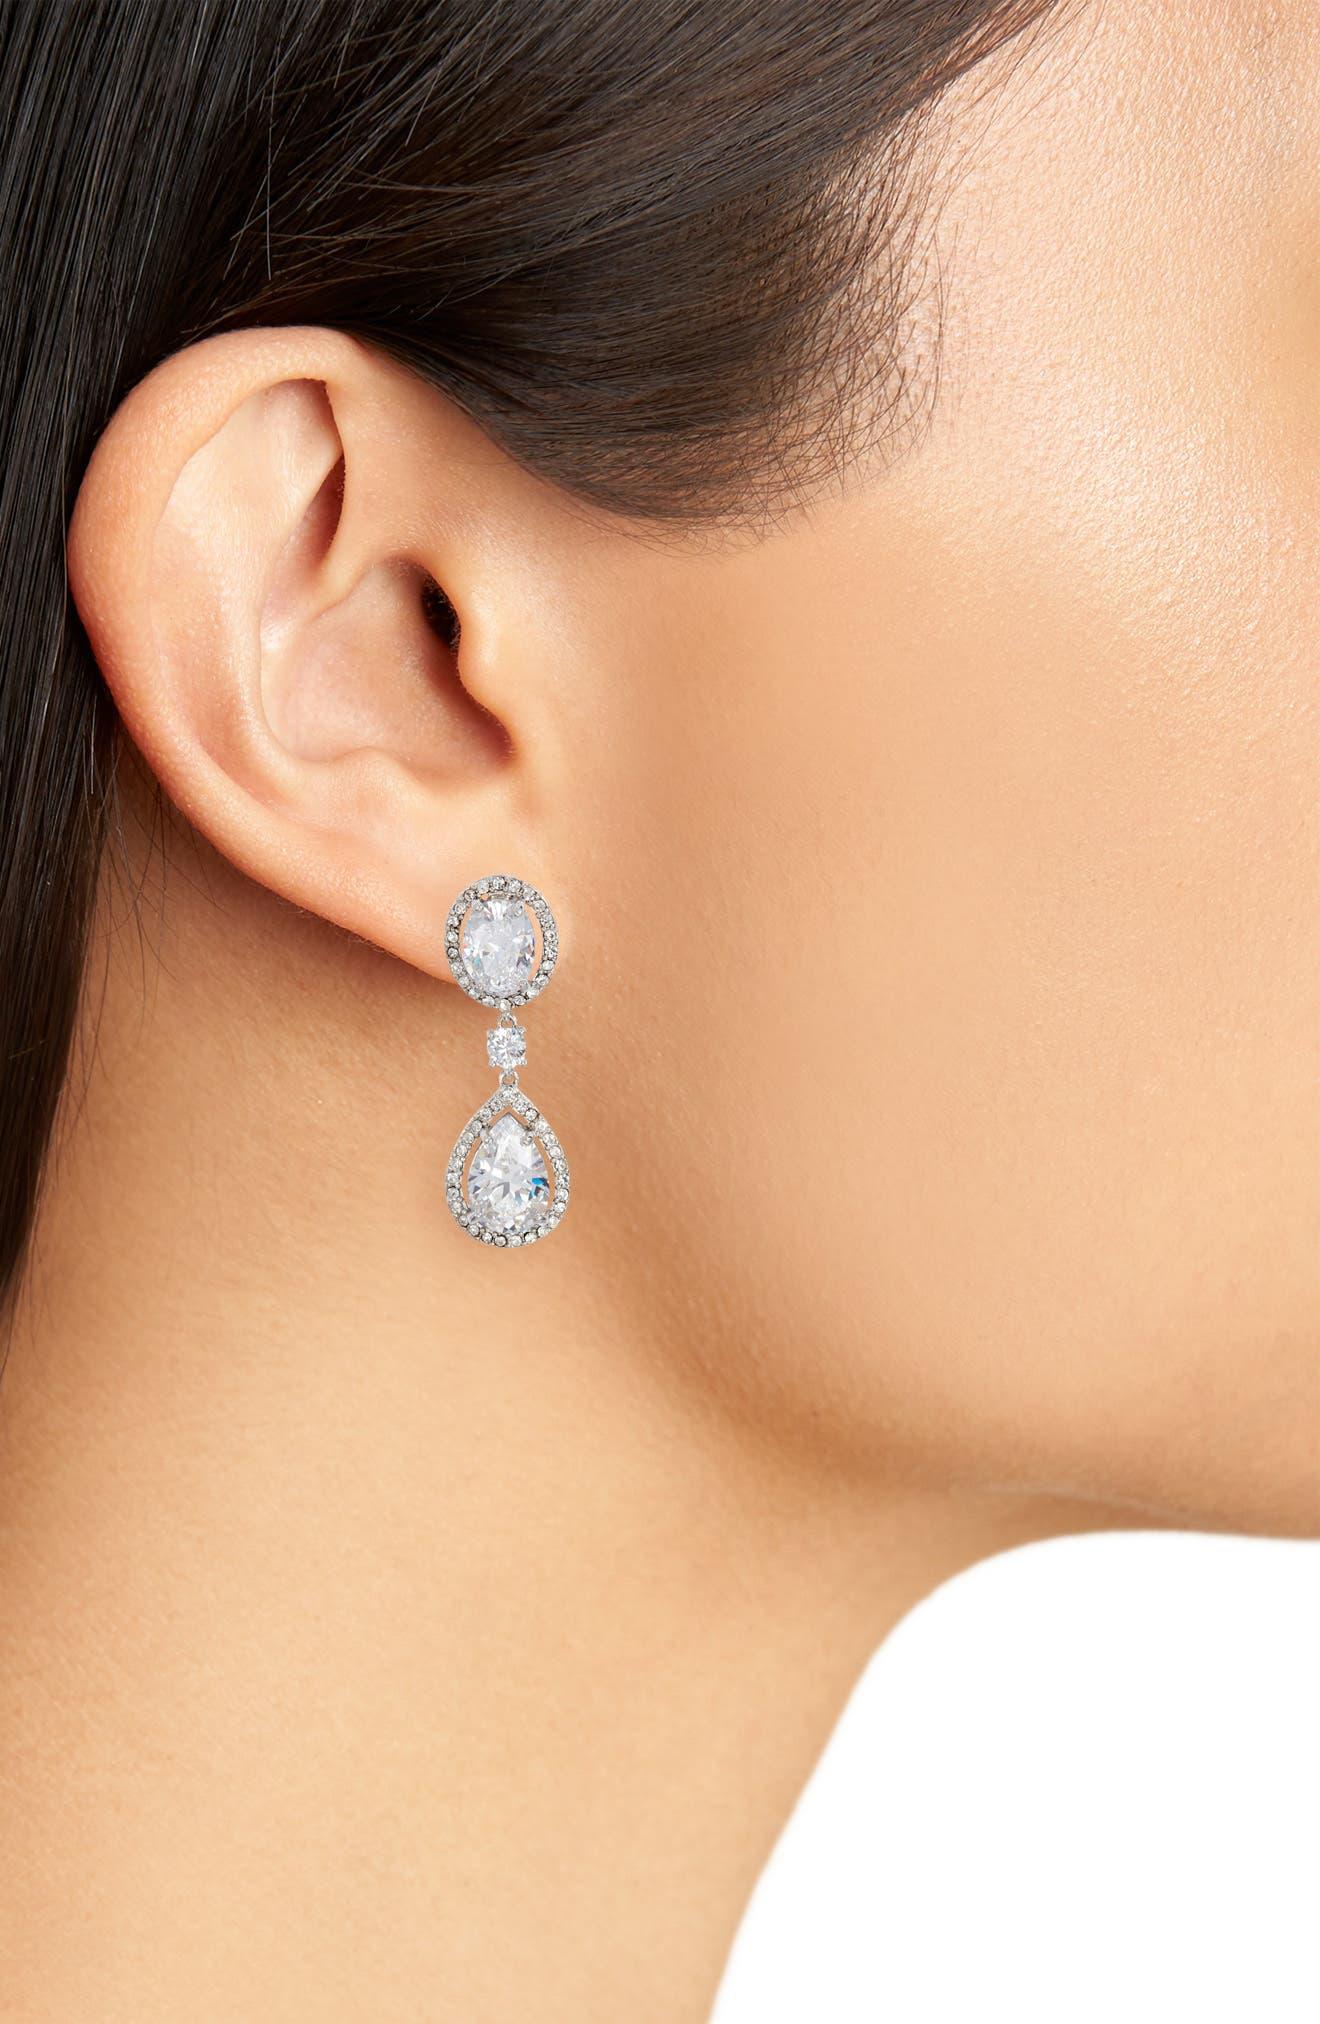 Nordstrom Pavé Cubic Zirconia Teardrop Earrings